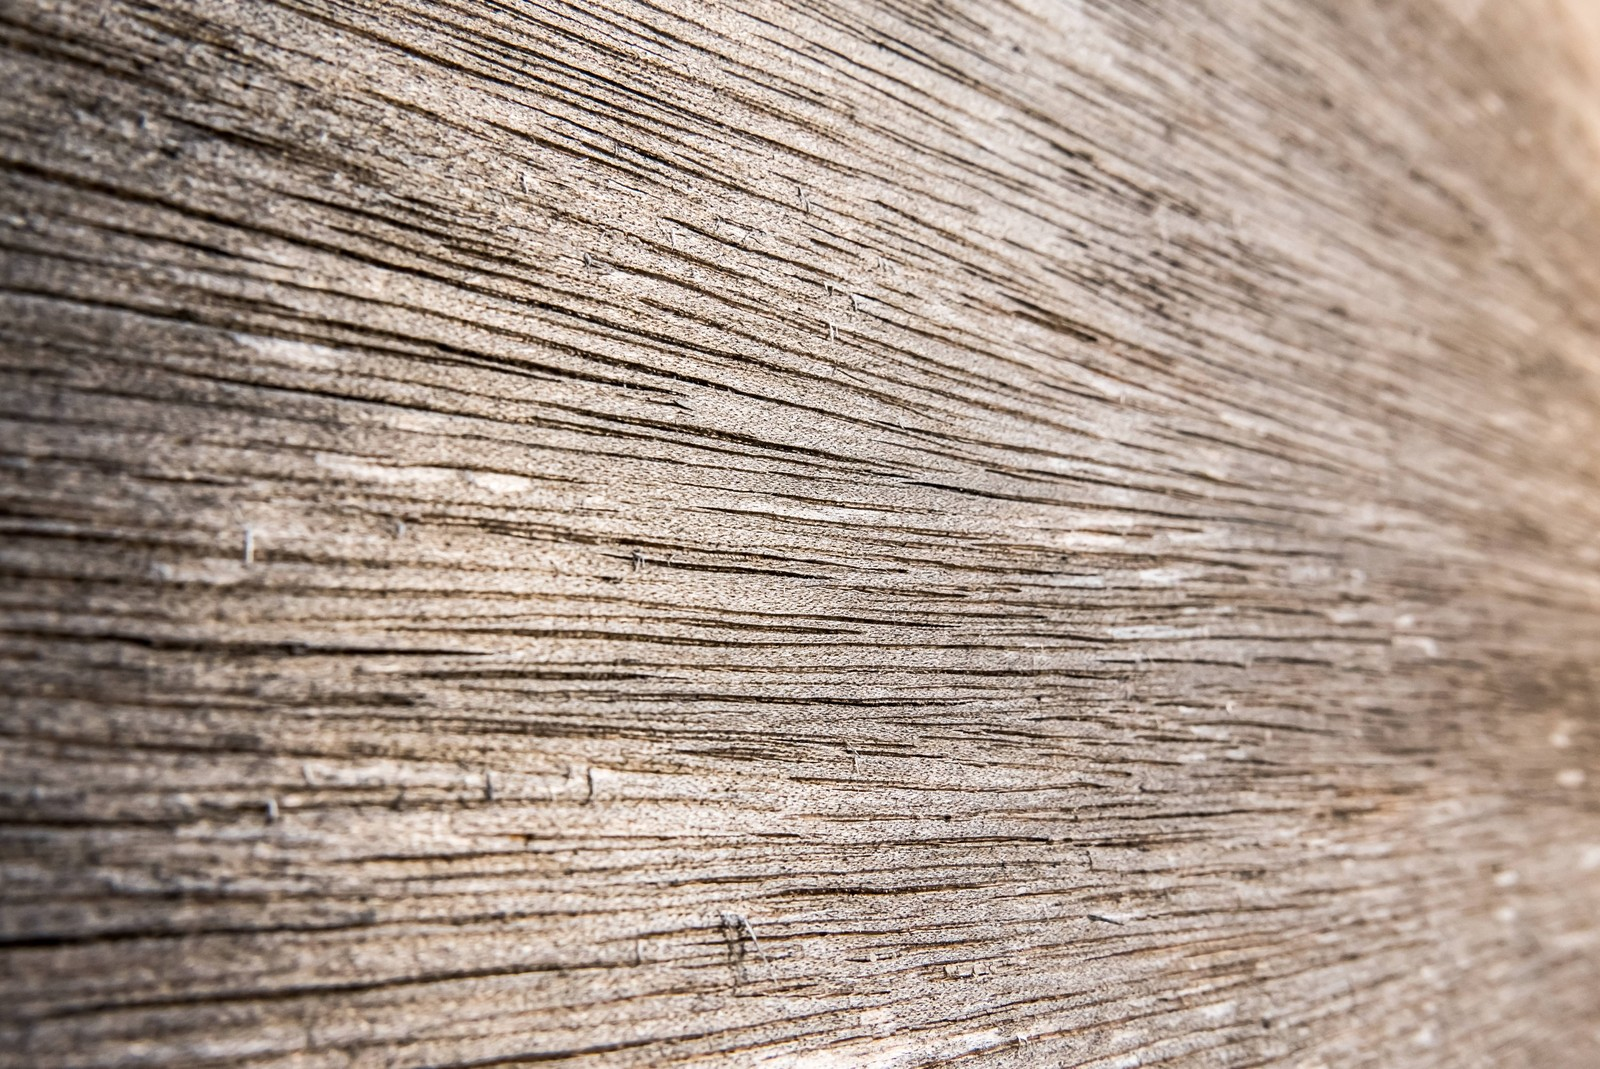 「合板(ベニア板)の表面合板(ベニア板)の表面」のフリー写真素材を拡大